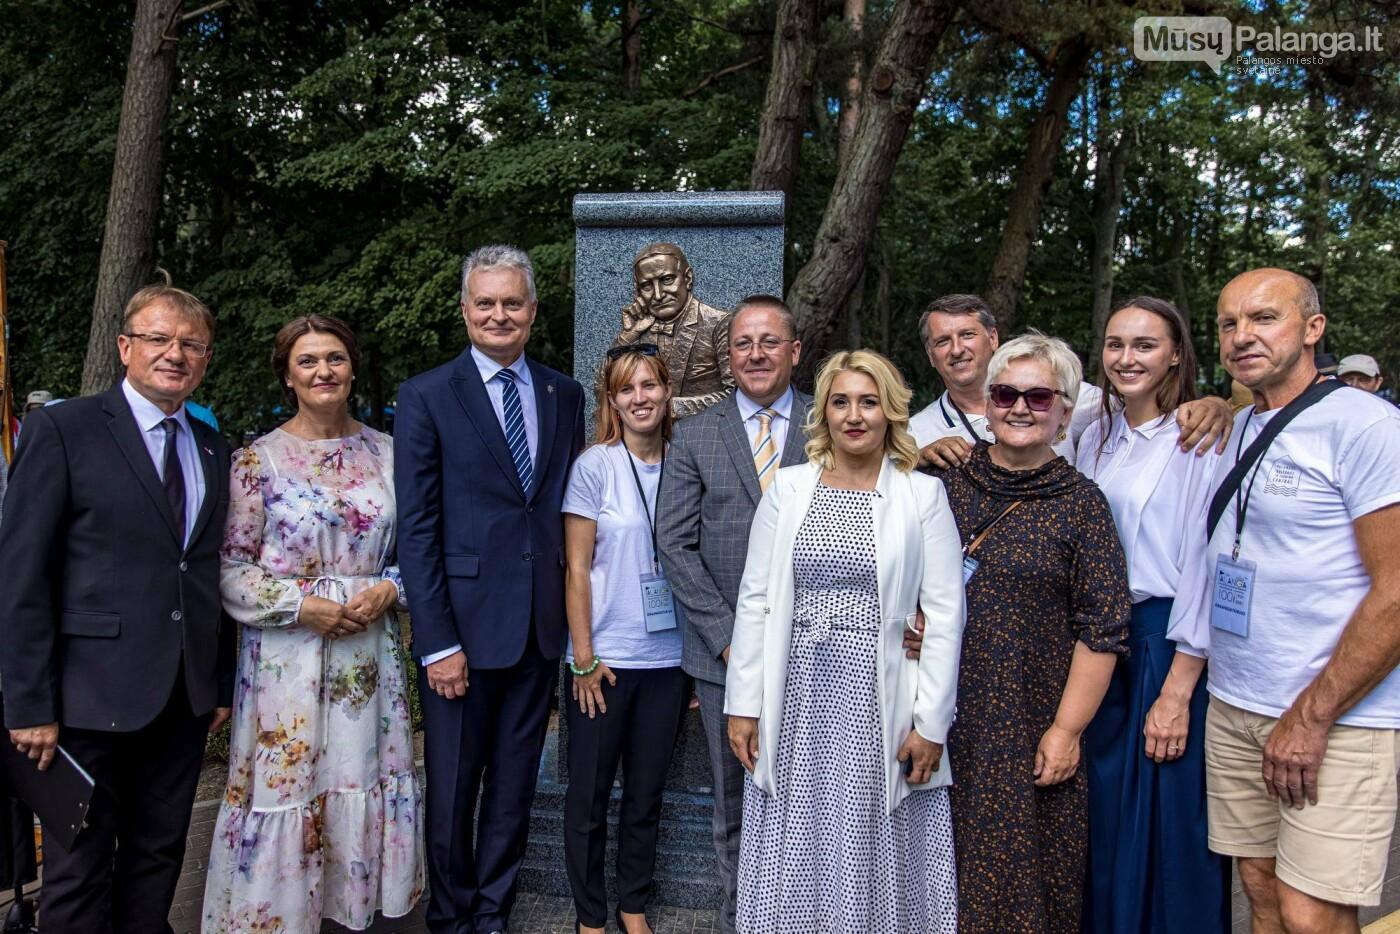 Skulptūros, skirtos Dž. J. Simpsonui ir Derybinei grupei dėl Palangos grąžinimo Lietuvai įamžinti, atidarymas, nuotrauka-3